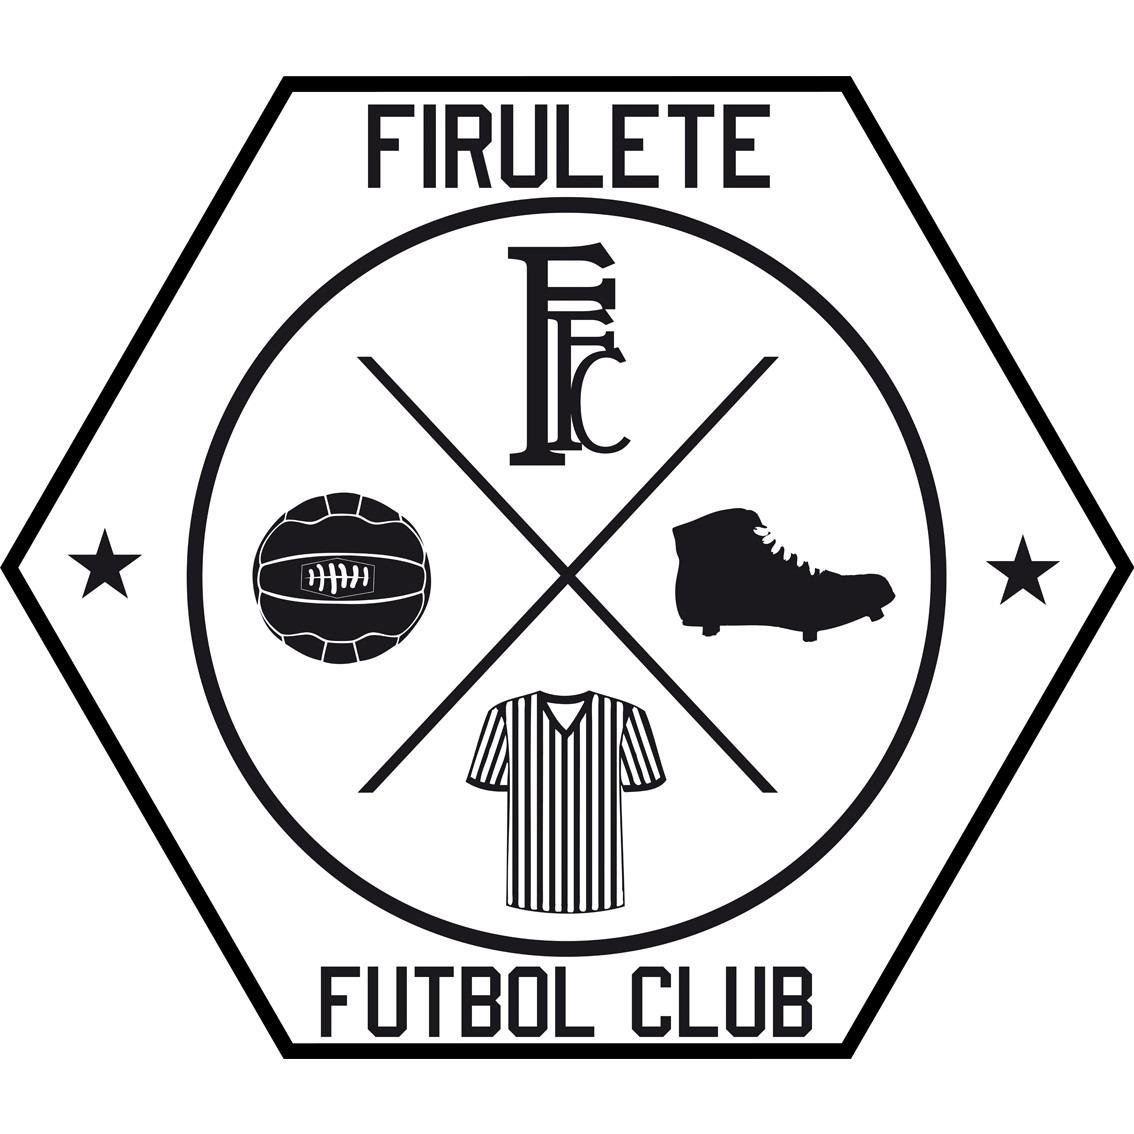 88cead021aa remera lev yashin 1960 cccp firulete futbol club. Cargando zoom.